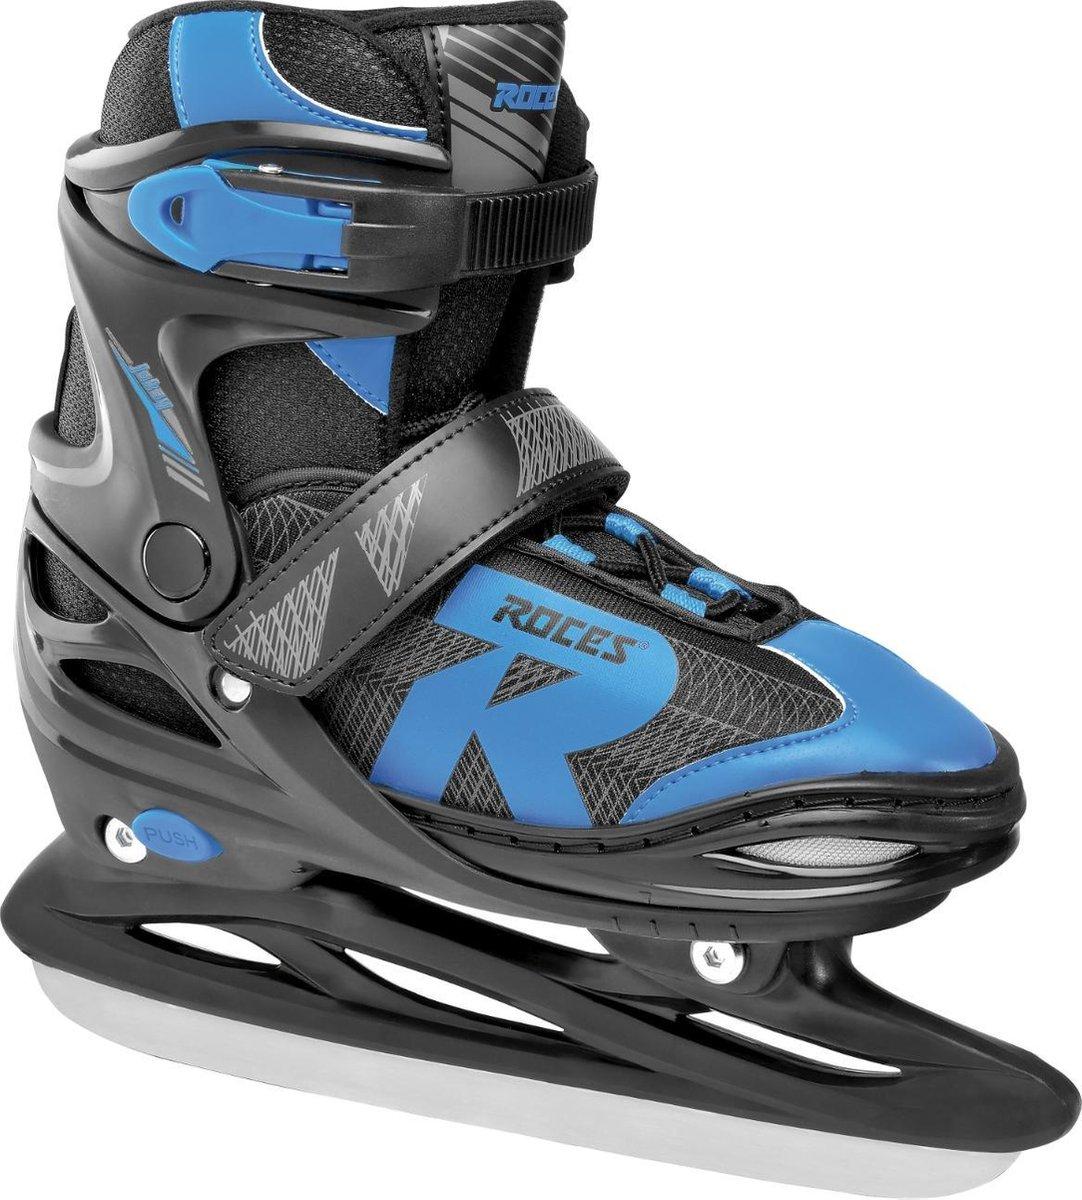 ROCES IJshockeyschaatsen verstelbaar JOKEY ICE 2.0 BOY Zwart/Blauw 26-29